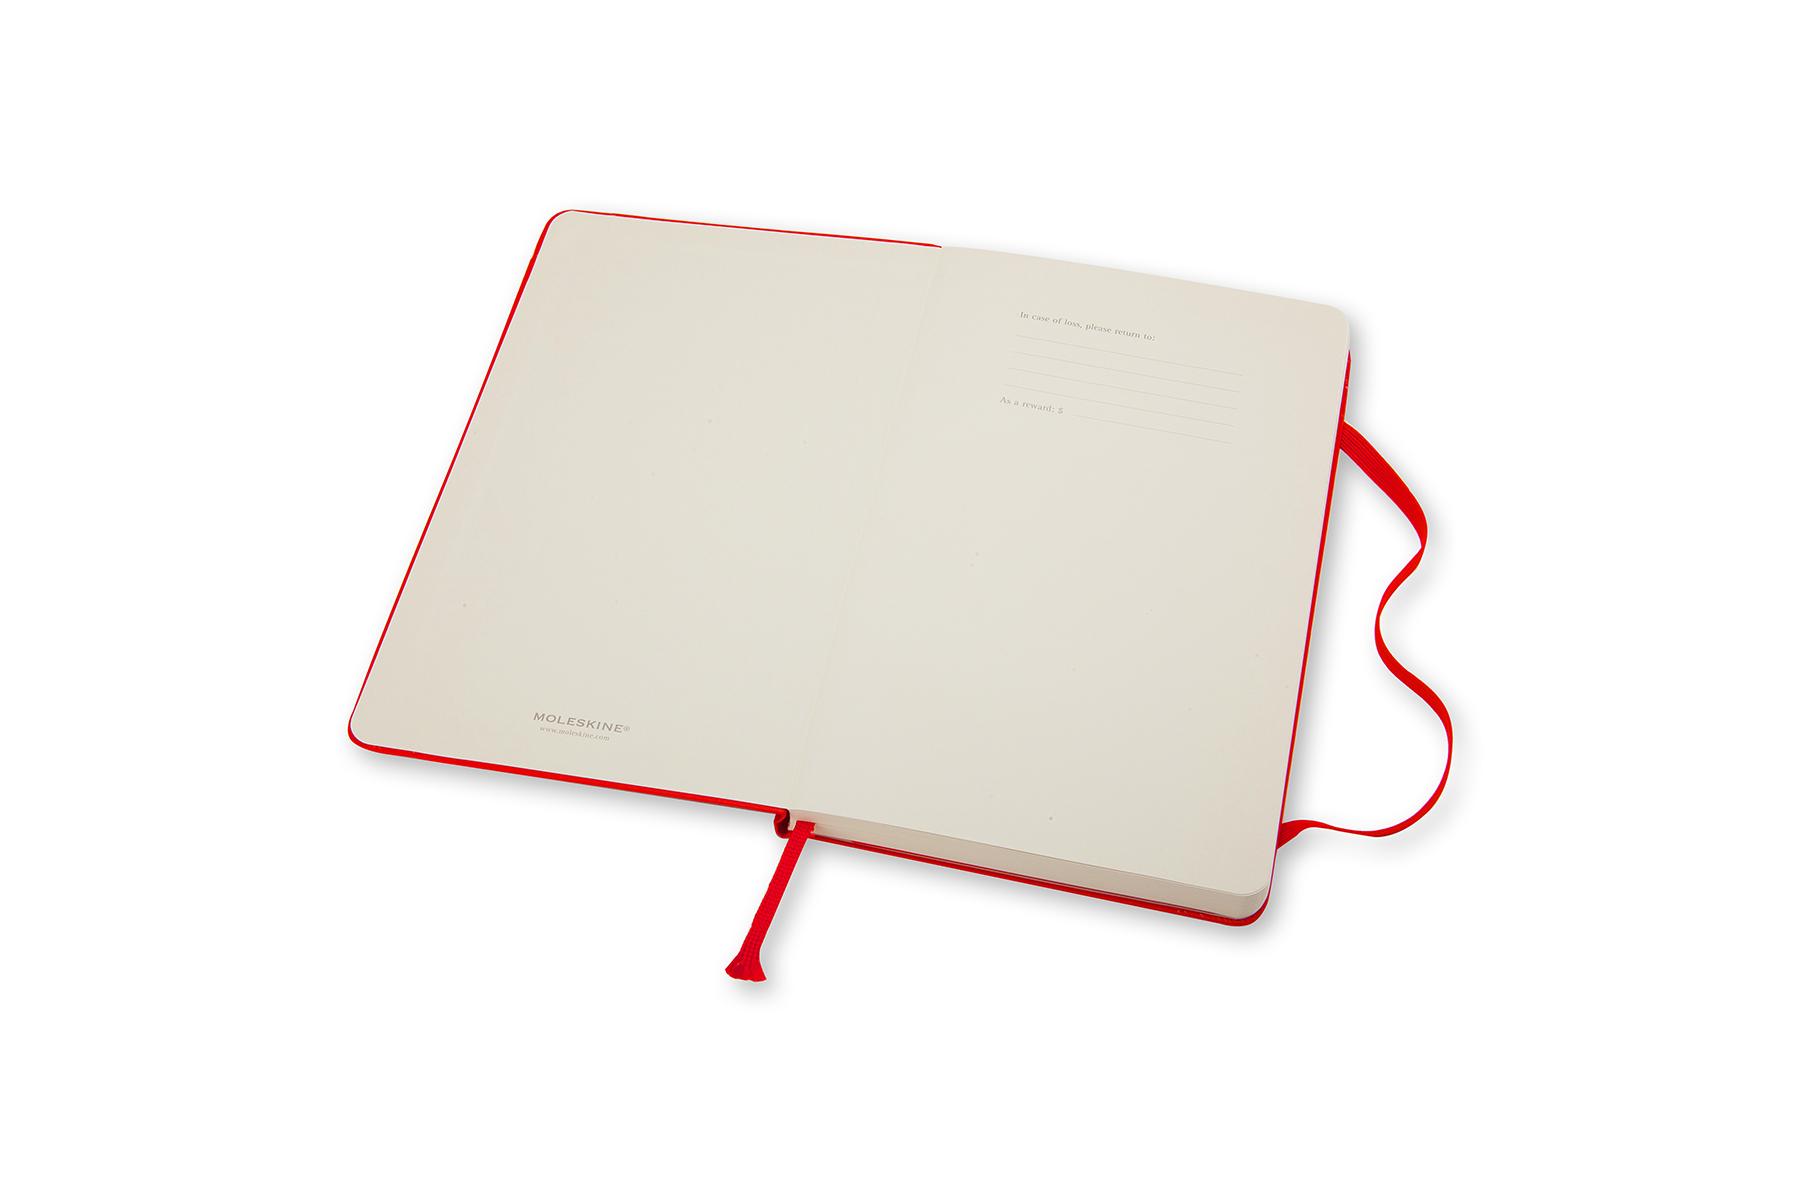 Nieuw Moleskine Notebook Large Gelijnd 13x21cm Rood - Papierwaren | AVA.be HX-09